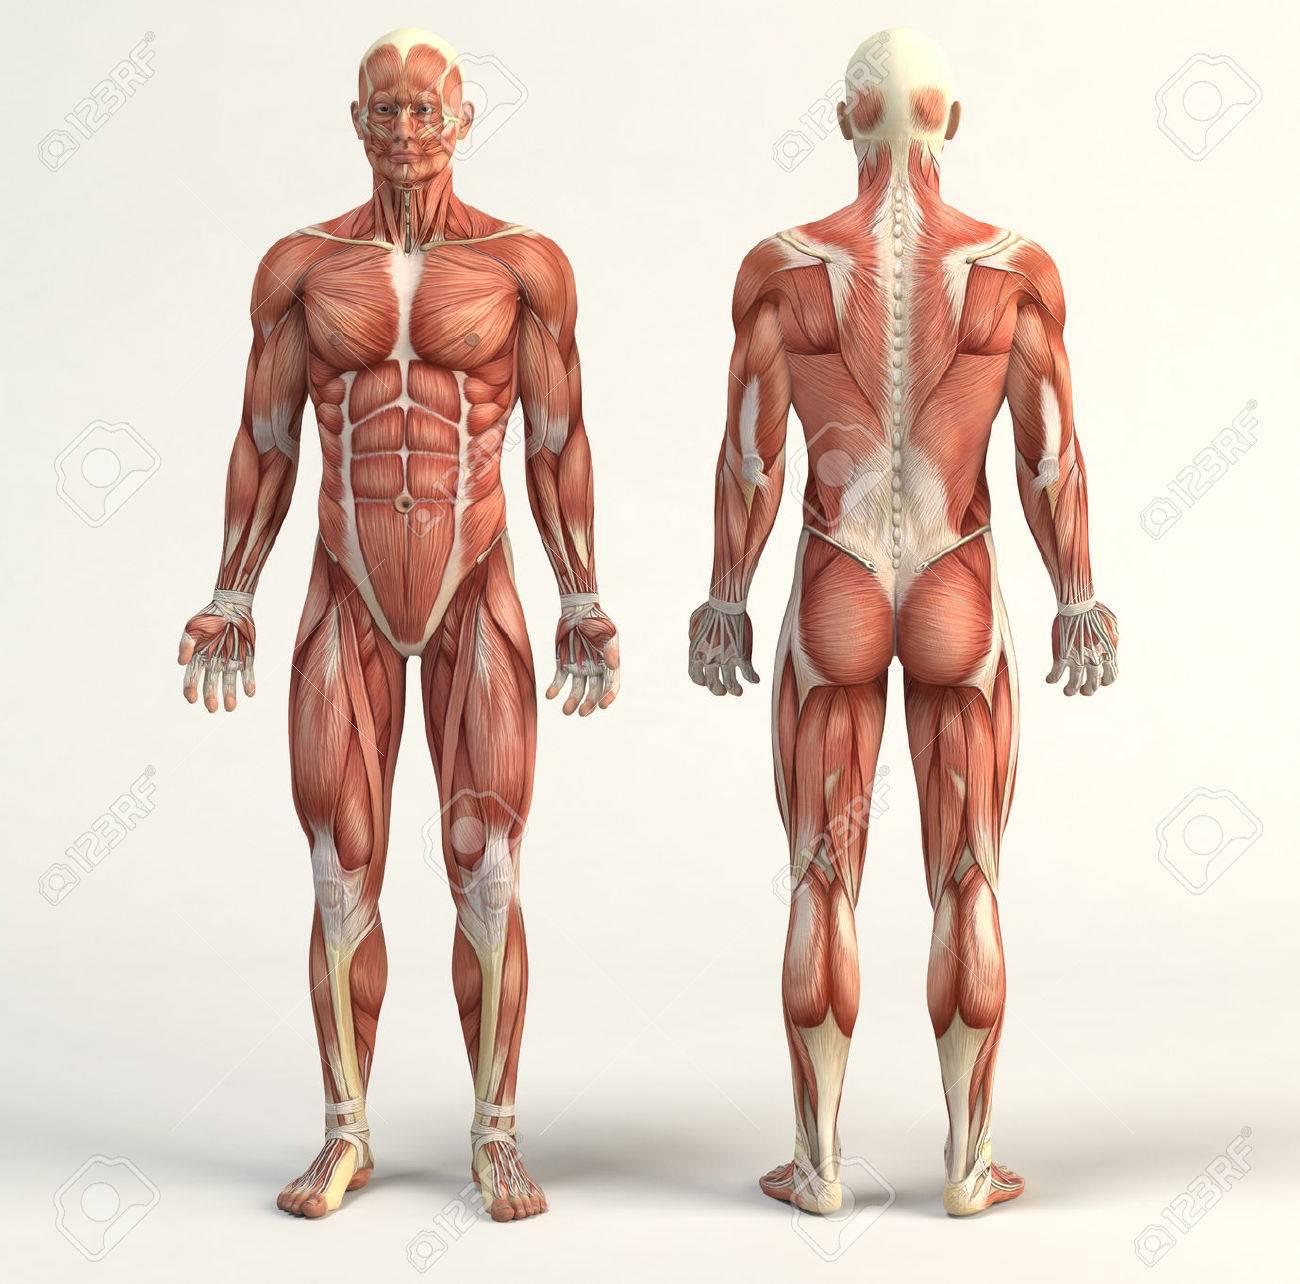 Digital illustration of muscular system - 50519078